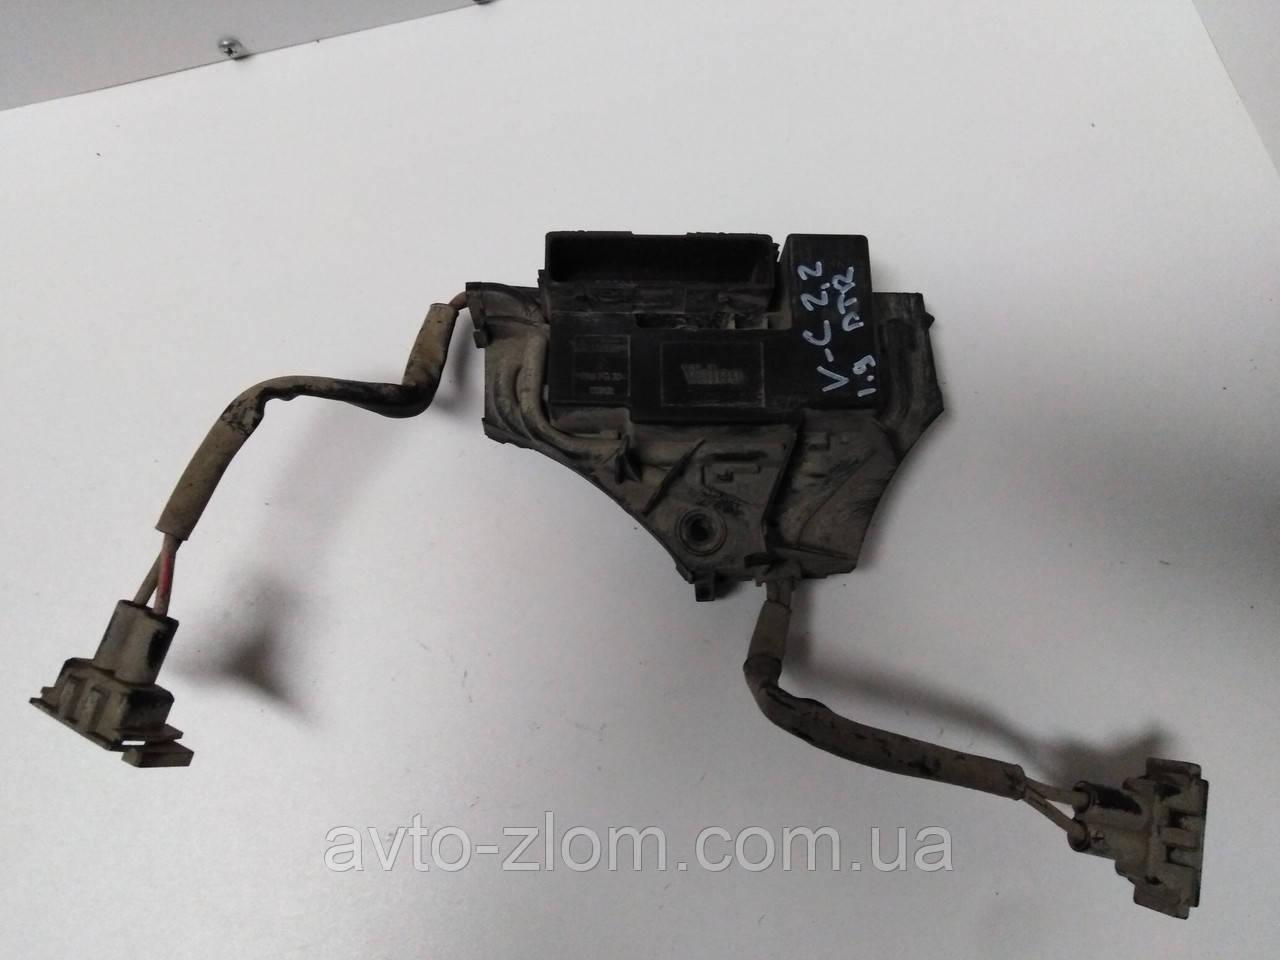 Резистор, блок управления вентиляторами Opel Vectra C, Опель Вектра Ц 1,9 - 2,2. 1379131.